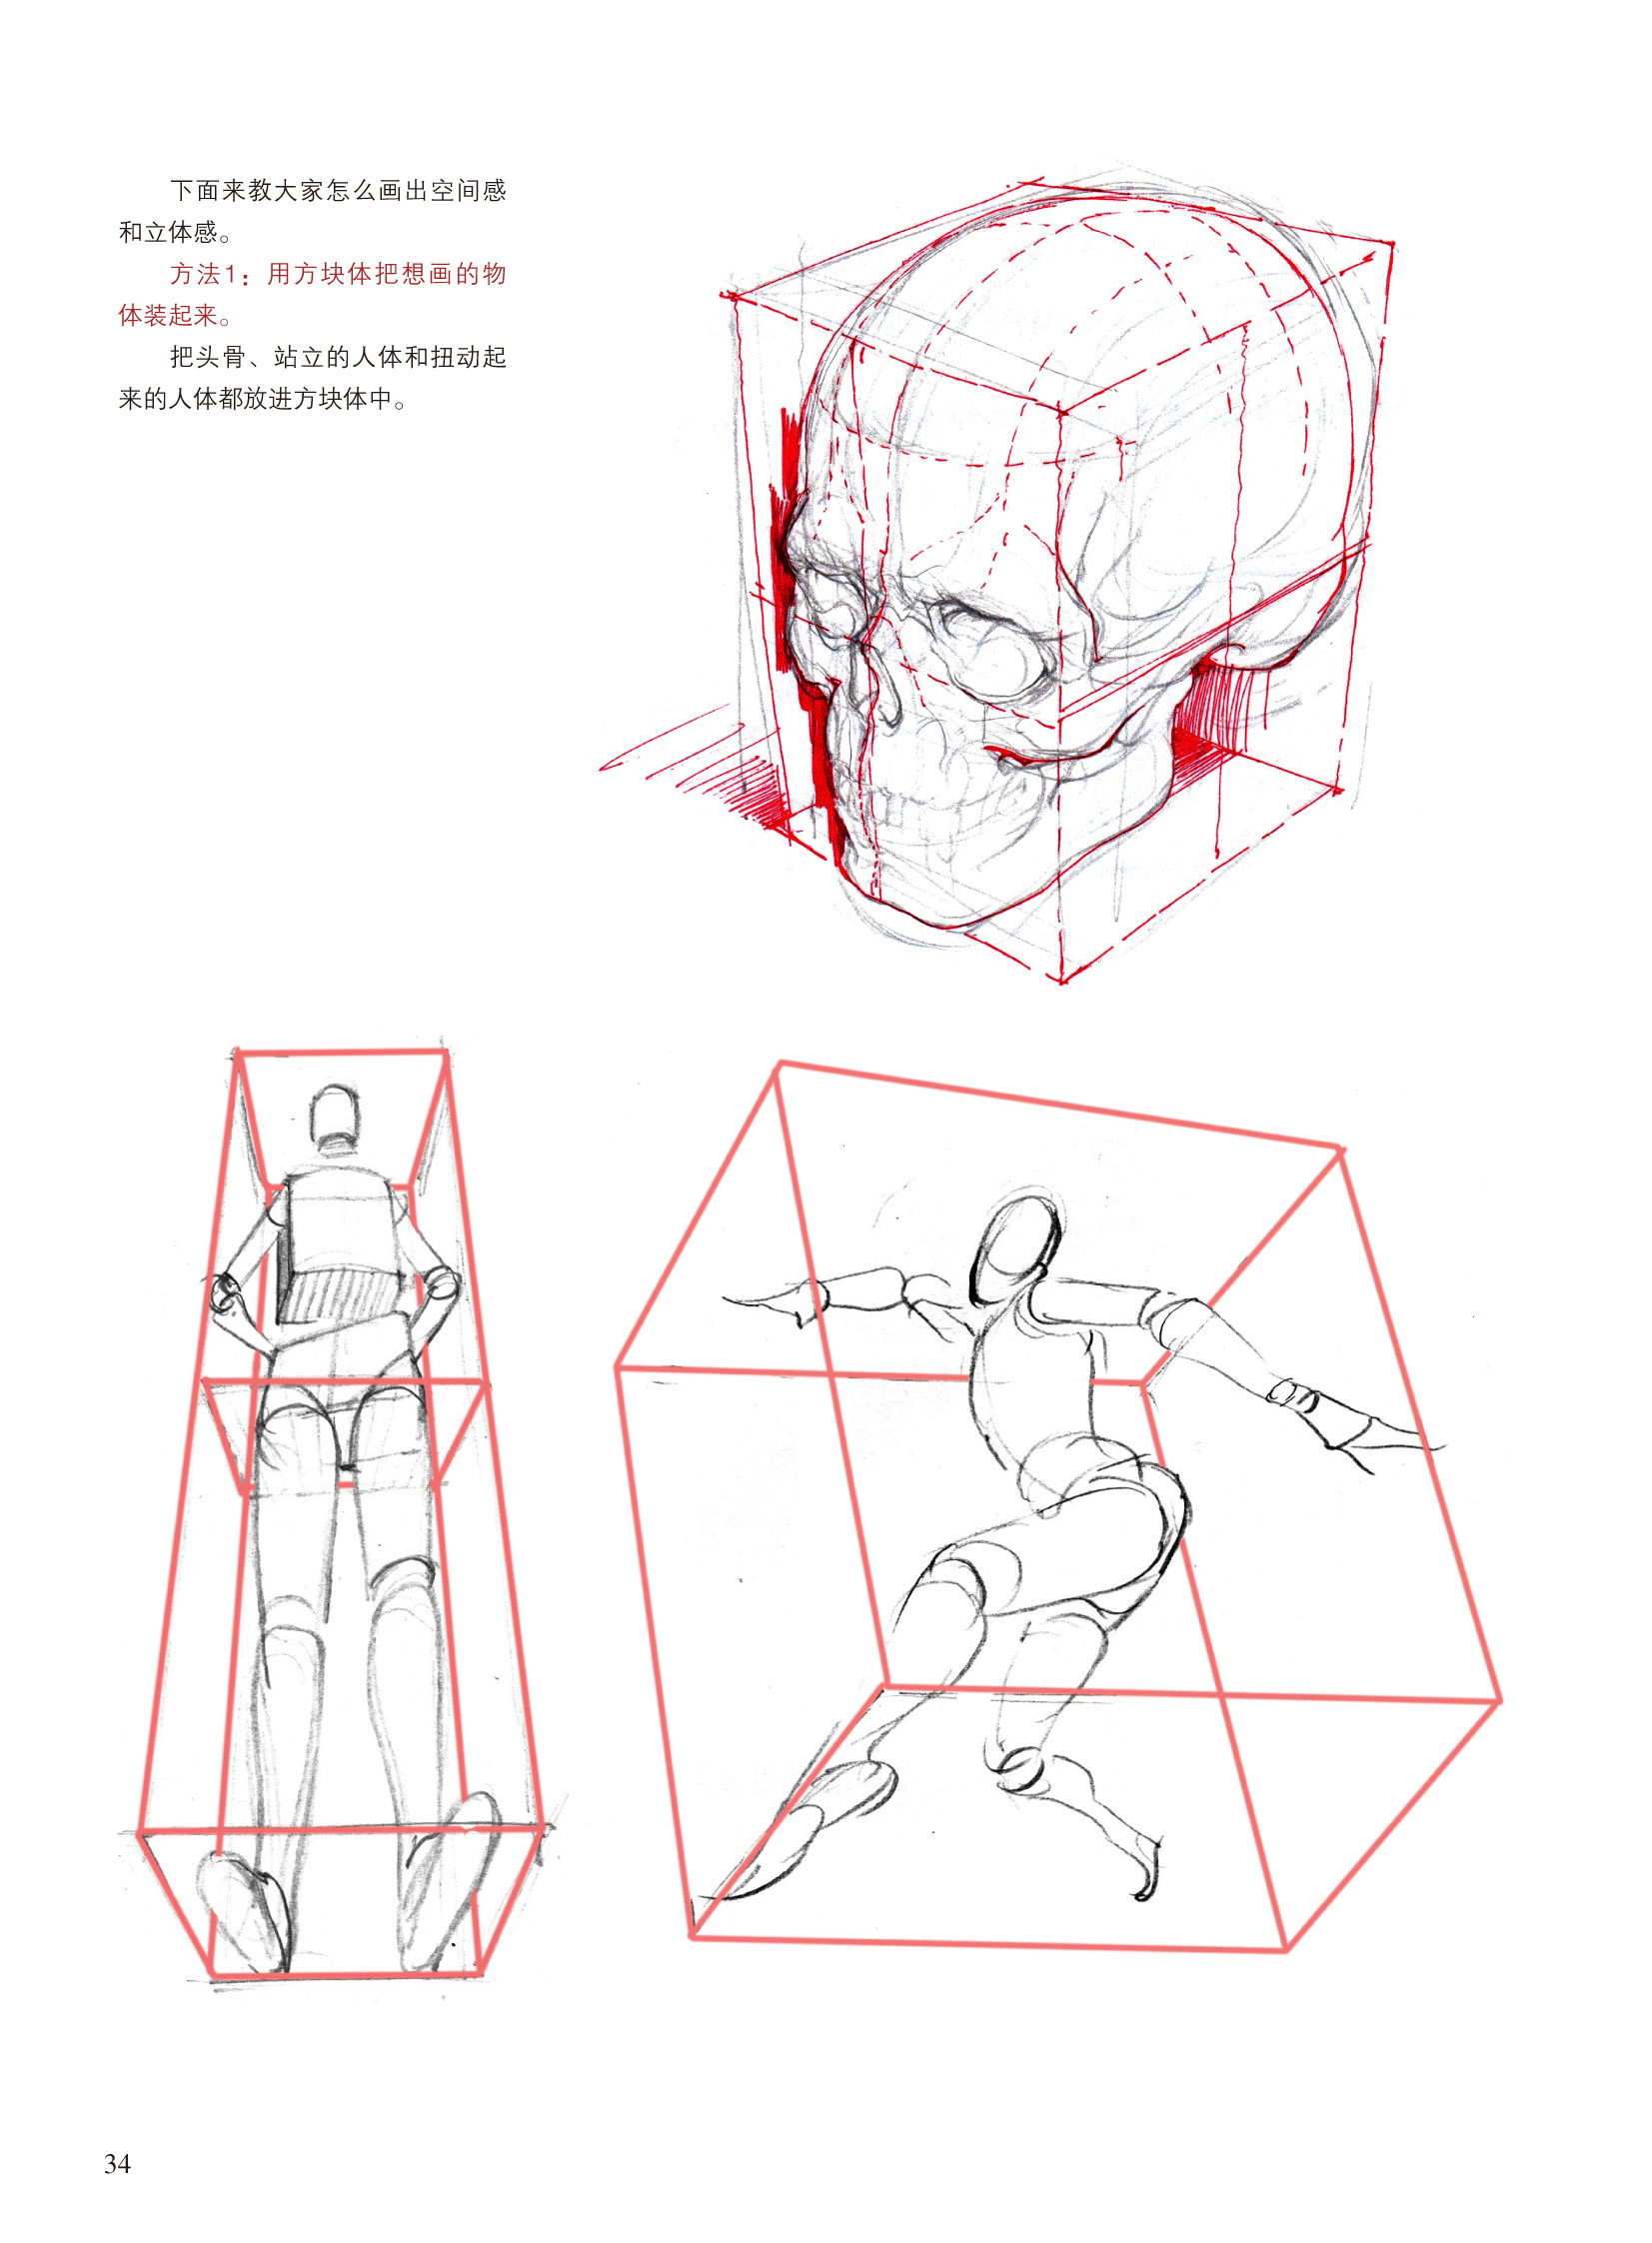 欢迎围观作者热门街主页:http://www.zcool.com.cn/u/2656388     前言 《游戏动漫人体结构造型手绘技法》是我们对五年游戏动漫手绘教学经验的总结。 想起自己最初踏入美术这条道路的原因有两个:第一个是想做漫画家,画出优秀的漫画作品;第二个是想追求当时同在中学美术班学习的自己爱慕的姑娘。可惜造化弄人,我最终没能成为漫画家,也没有追到喜欢的姑娘,如今也只能算是游戏动漫行业大潮中普通的从业人员。 不过,梦想还在,有笔有纸,我们就有实现梦想的机会。 人体结构绘画是游戏动漫行业的从业人